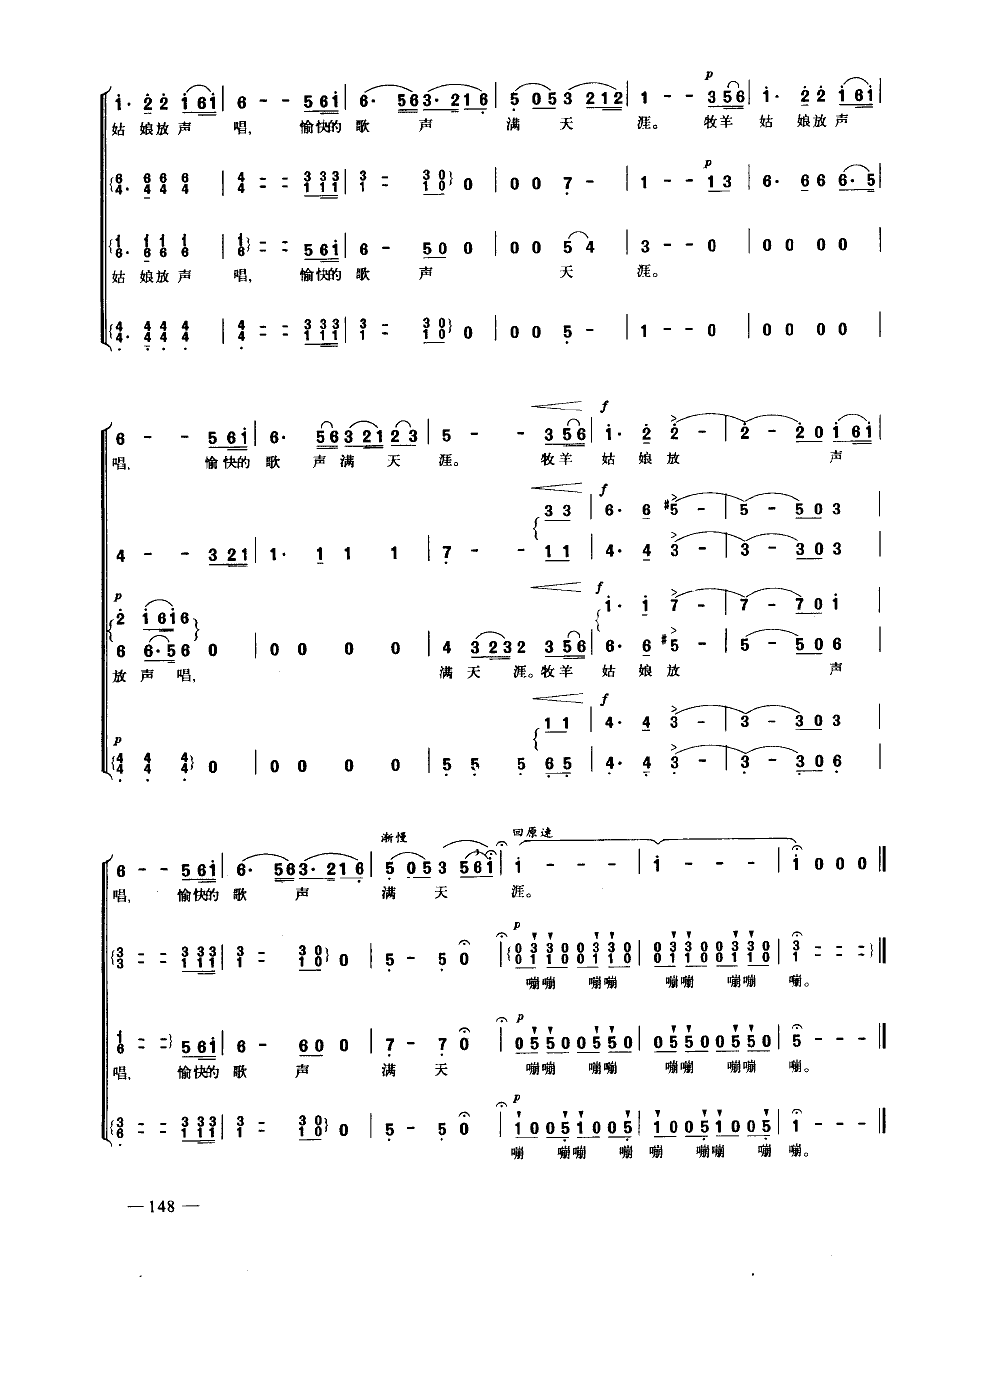 美丽的草原我的家(合唱)(孟卫东编配)简谱